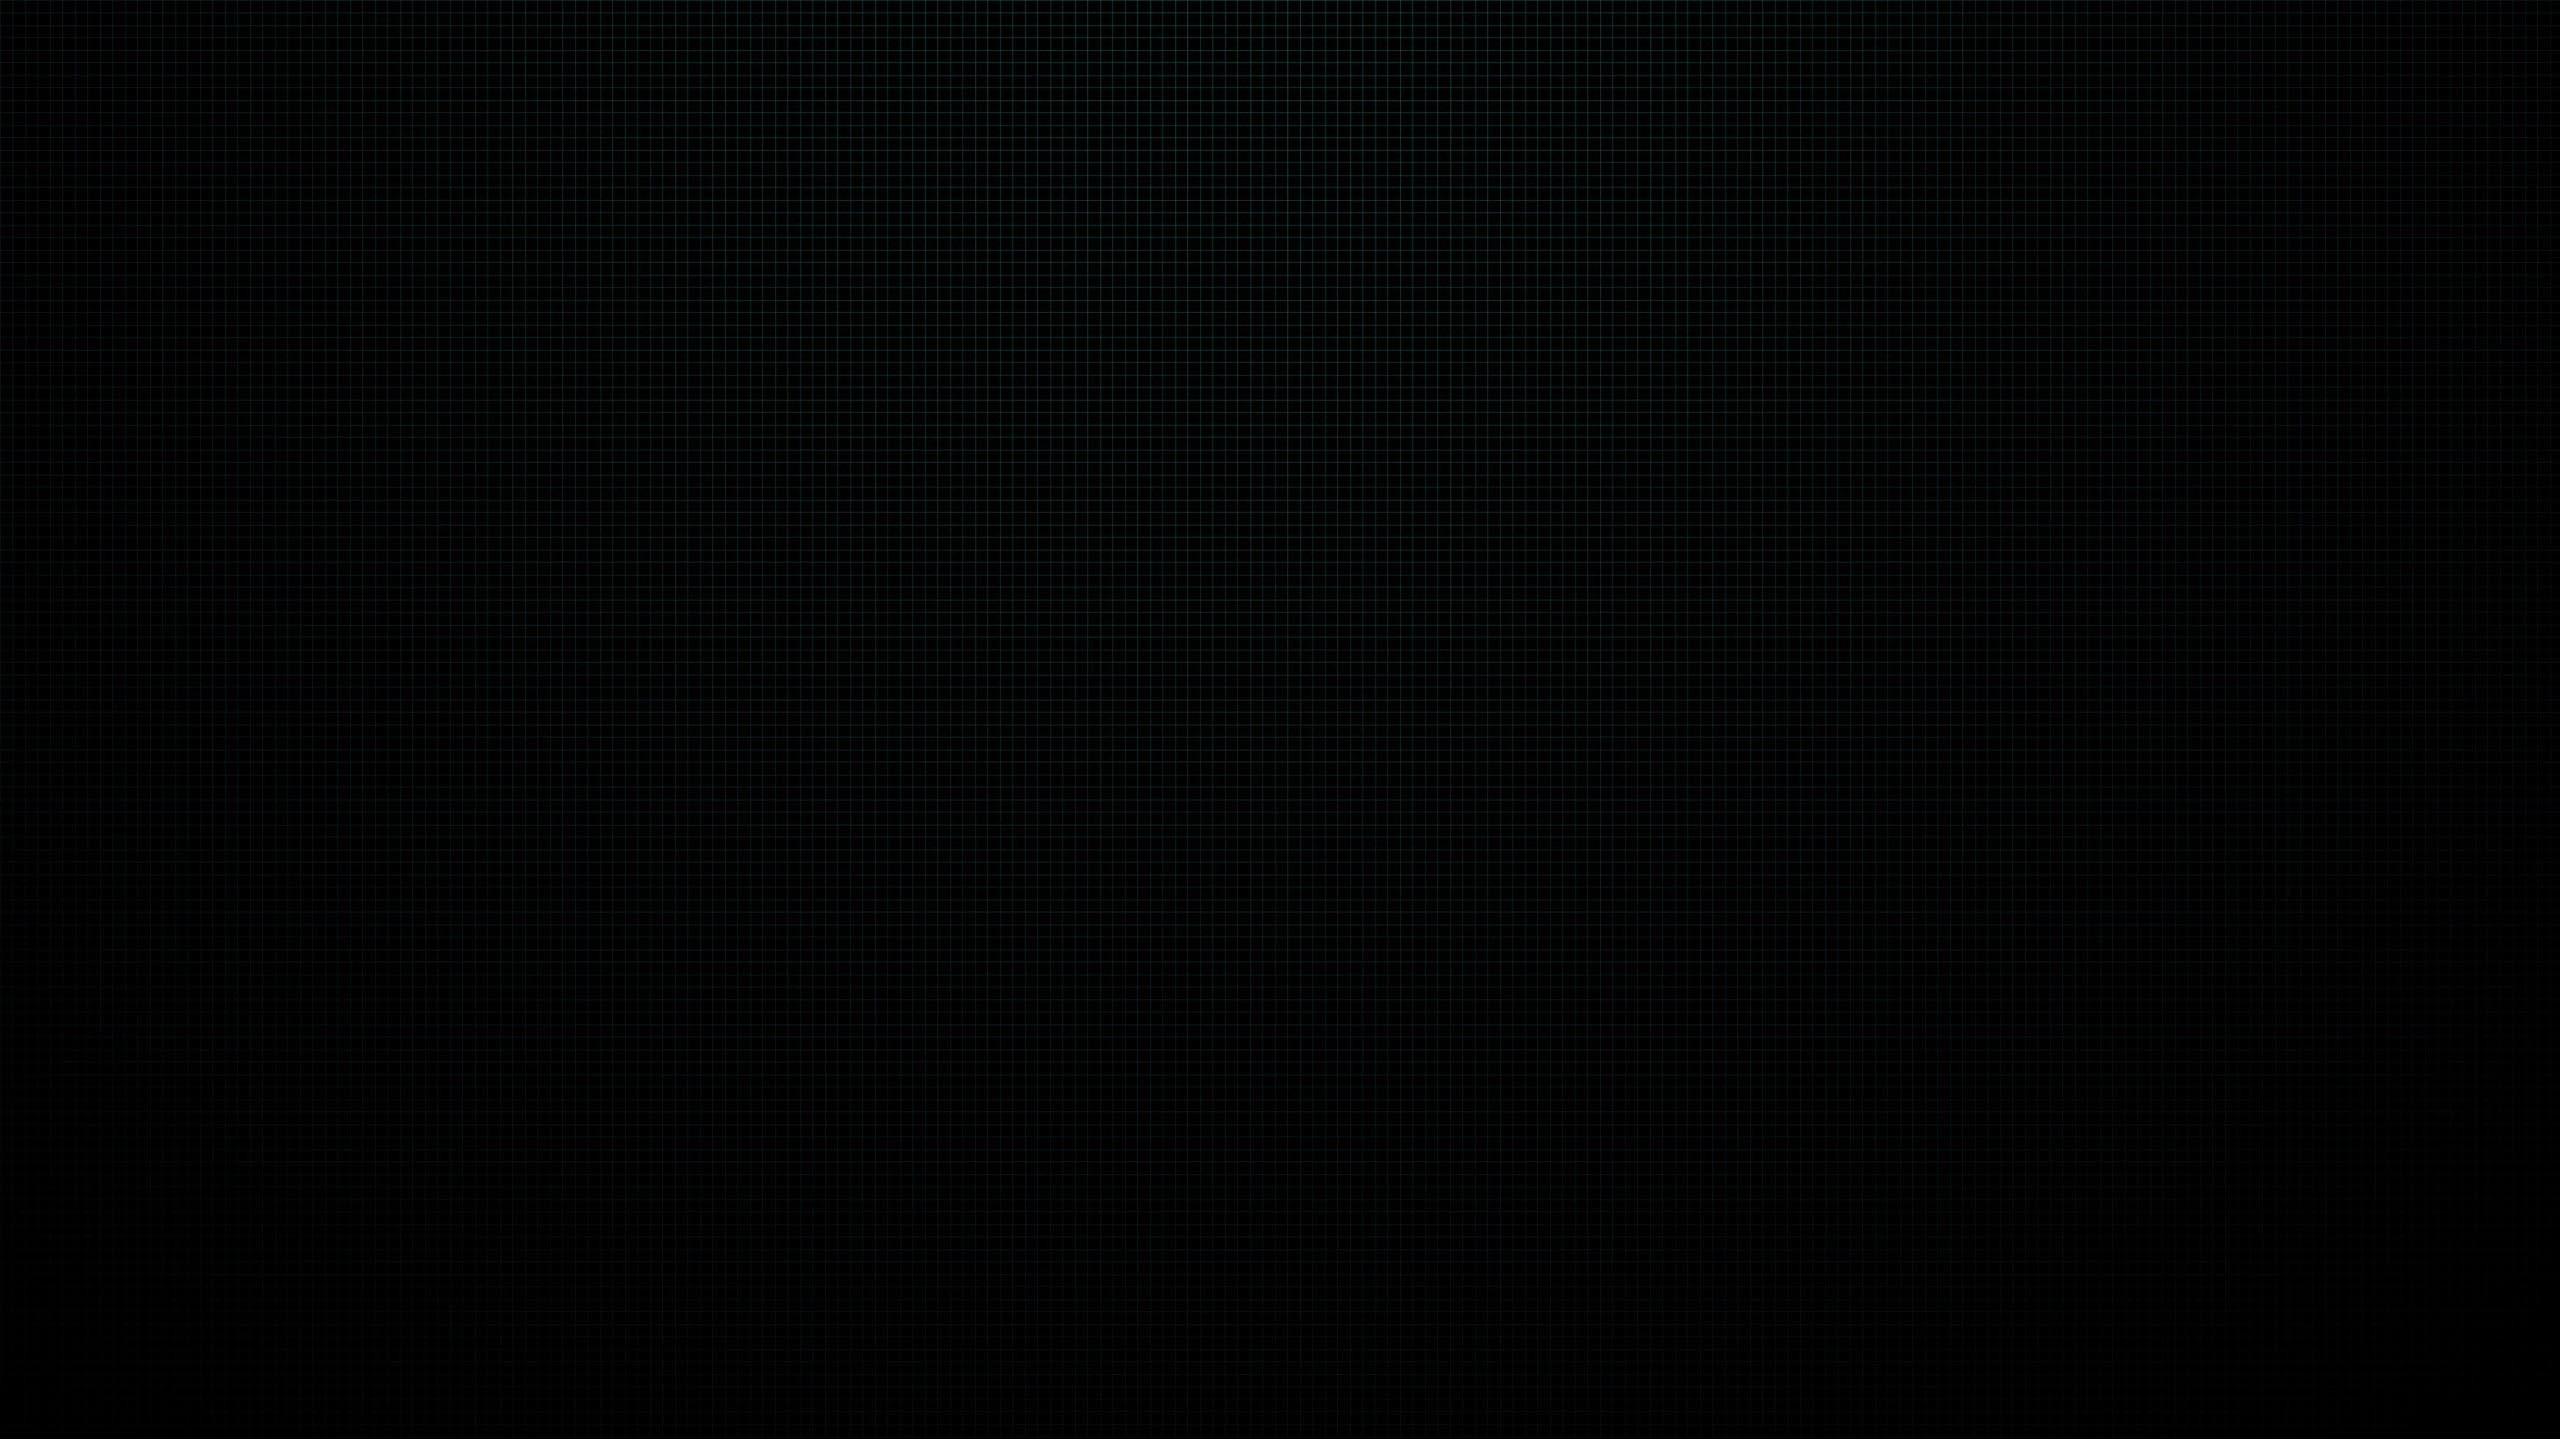 Space Wallpaper – WallpaperSafari